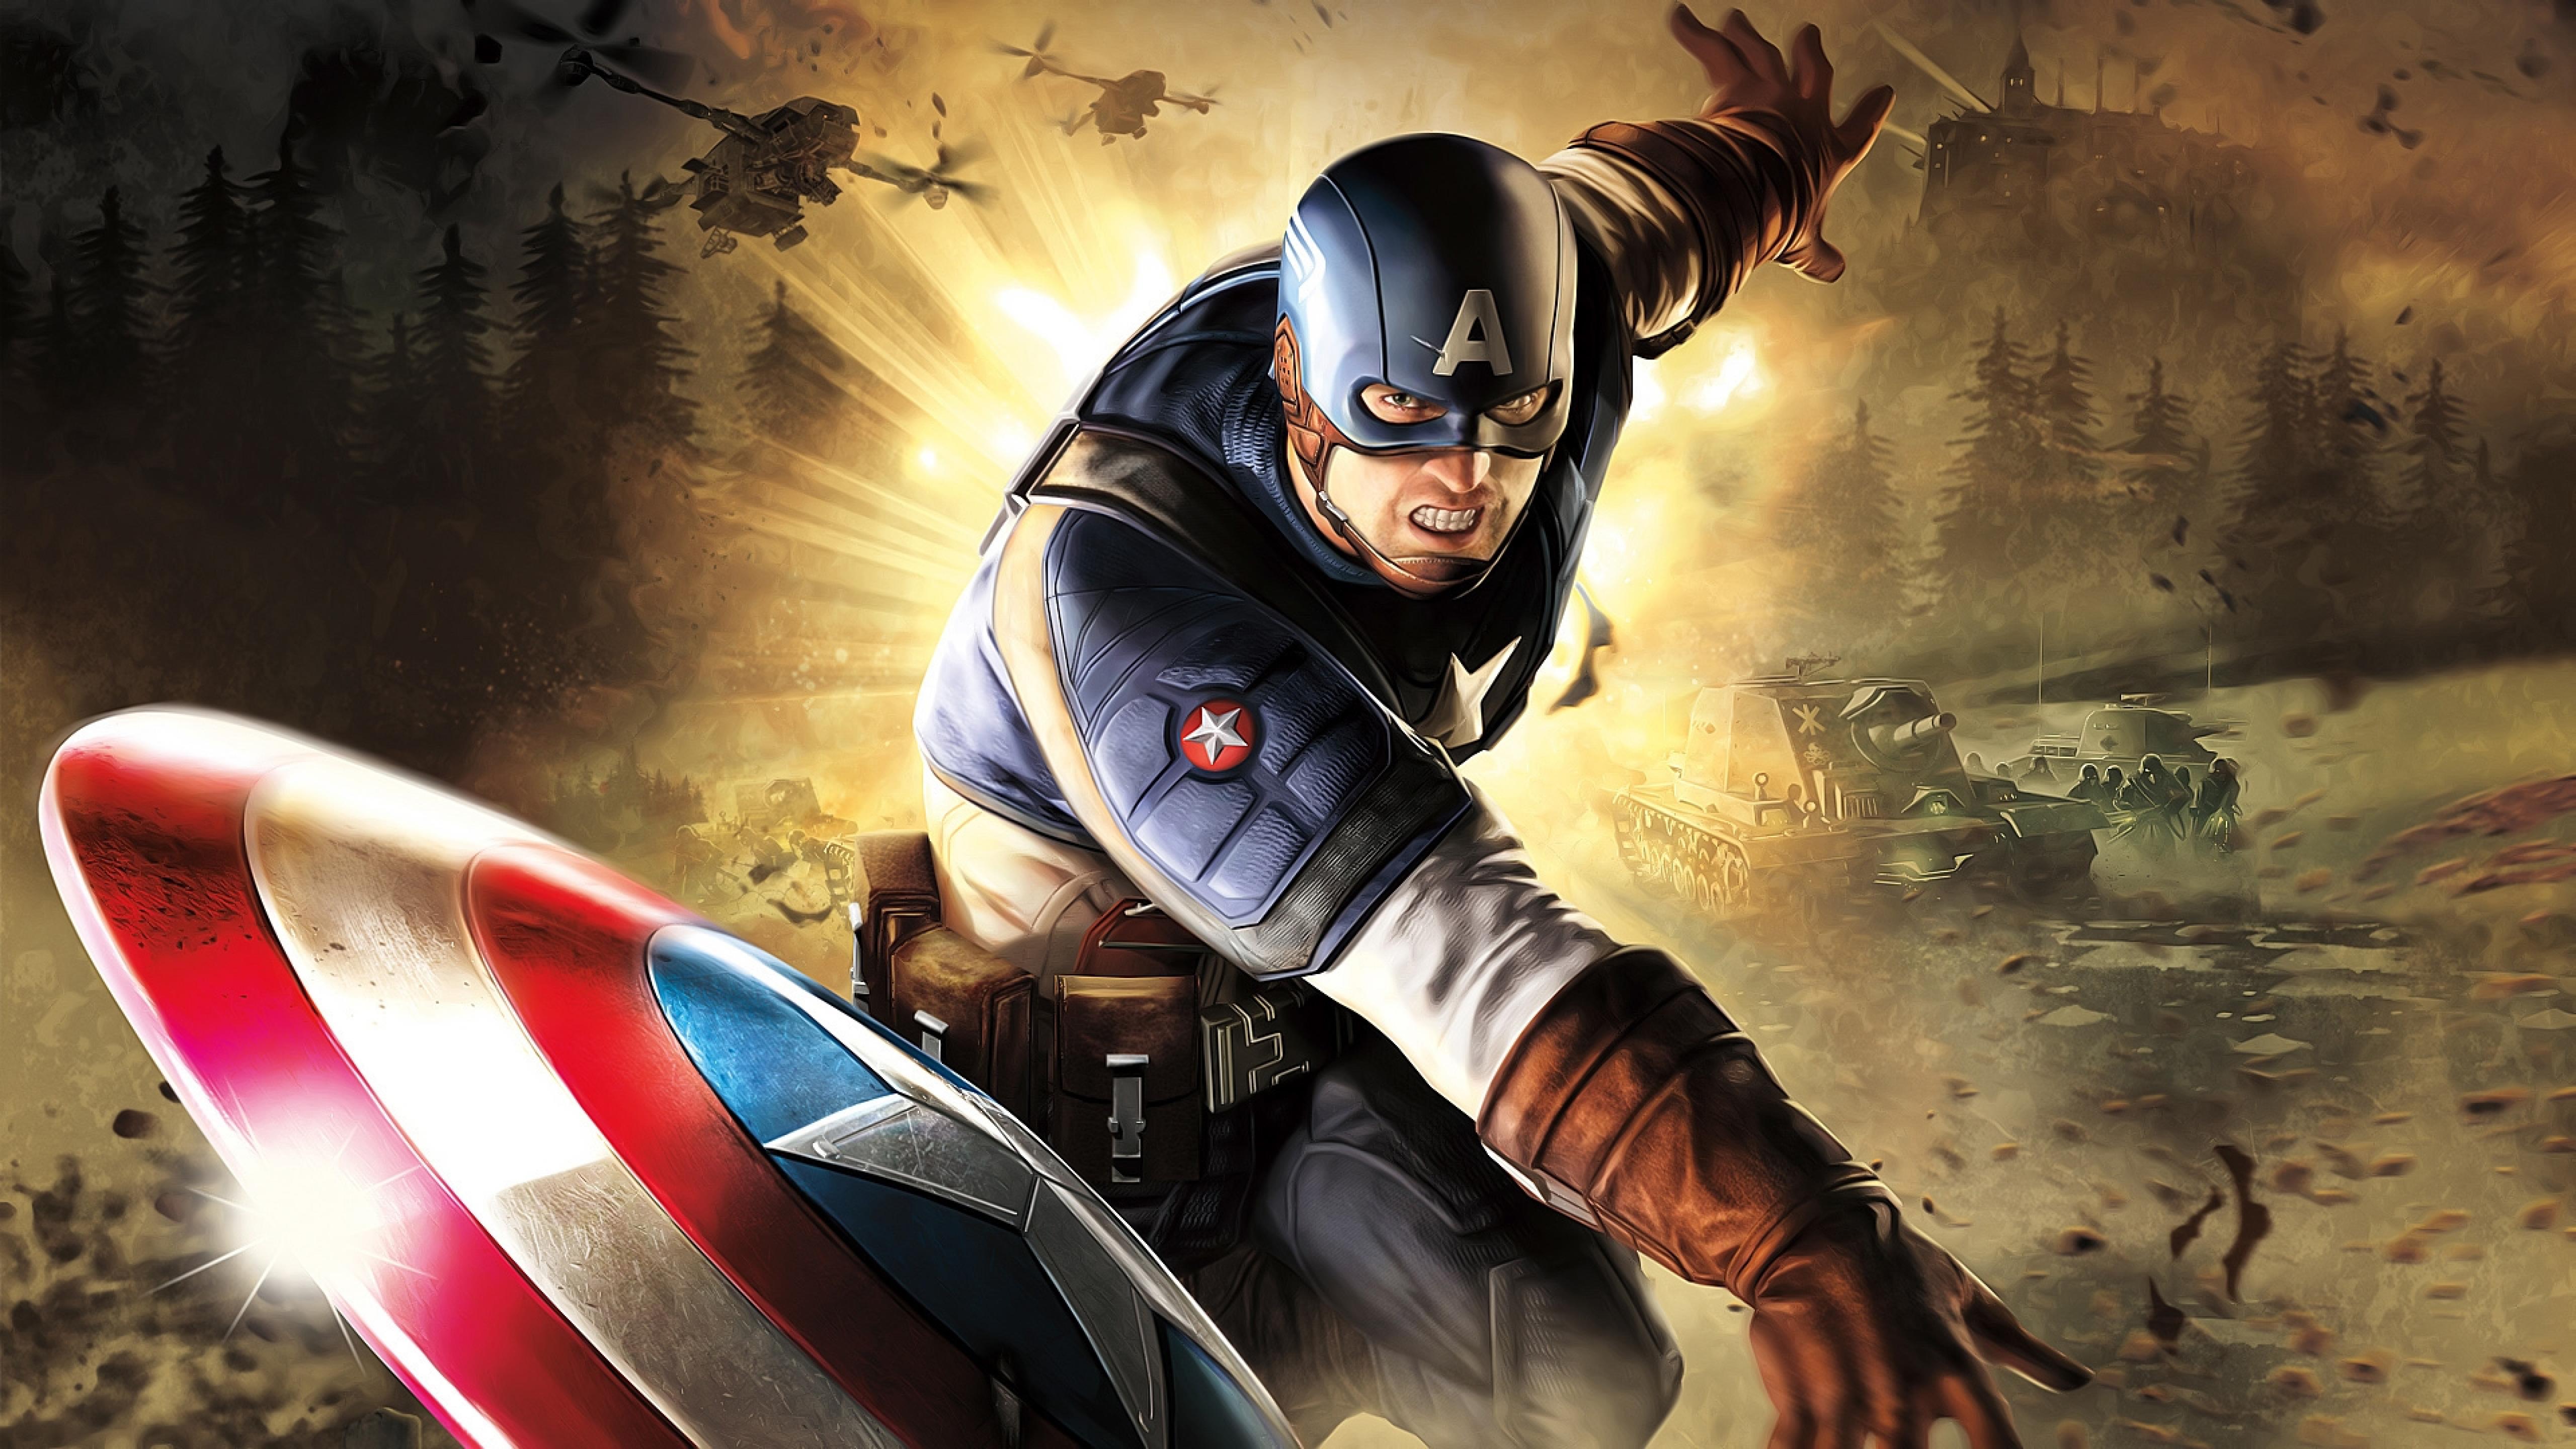 Капитан Америка произведения искусства обои скачать